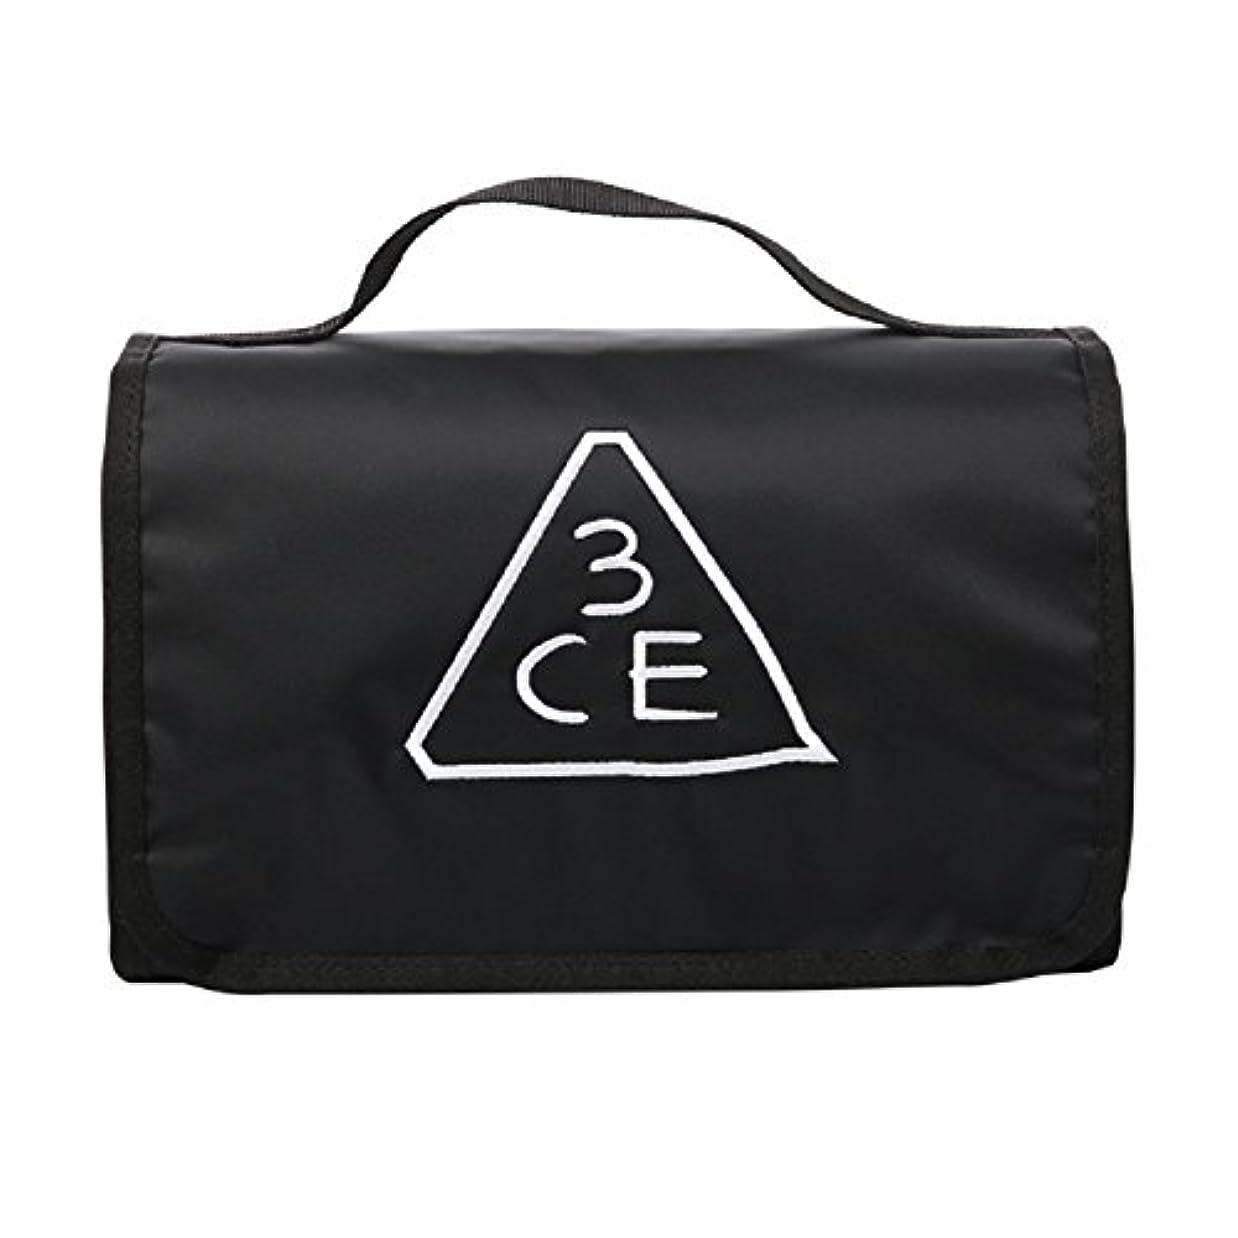 複製するスマッシュ破壊的3CE(3 CONCEPT EYES) WASH BAG ワッシュバッグ BIG SIZE COSMETIC POUCH 大きなサイズの化粧品のポ BLACK FREE SIZE [韓国並行輸入品]